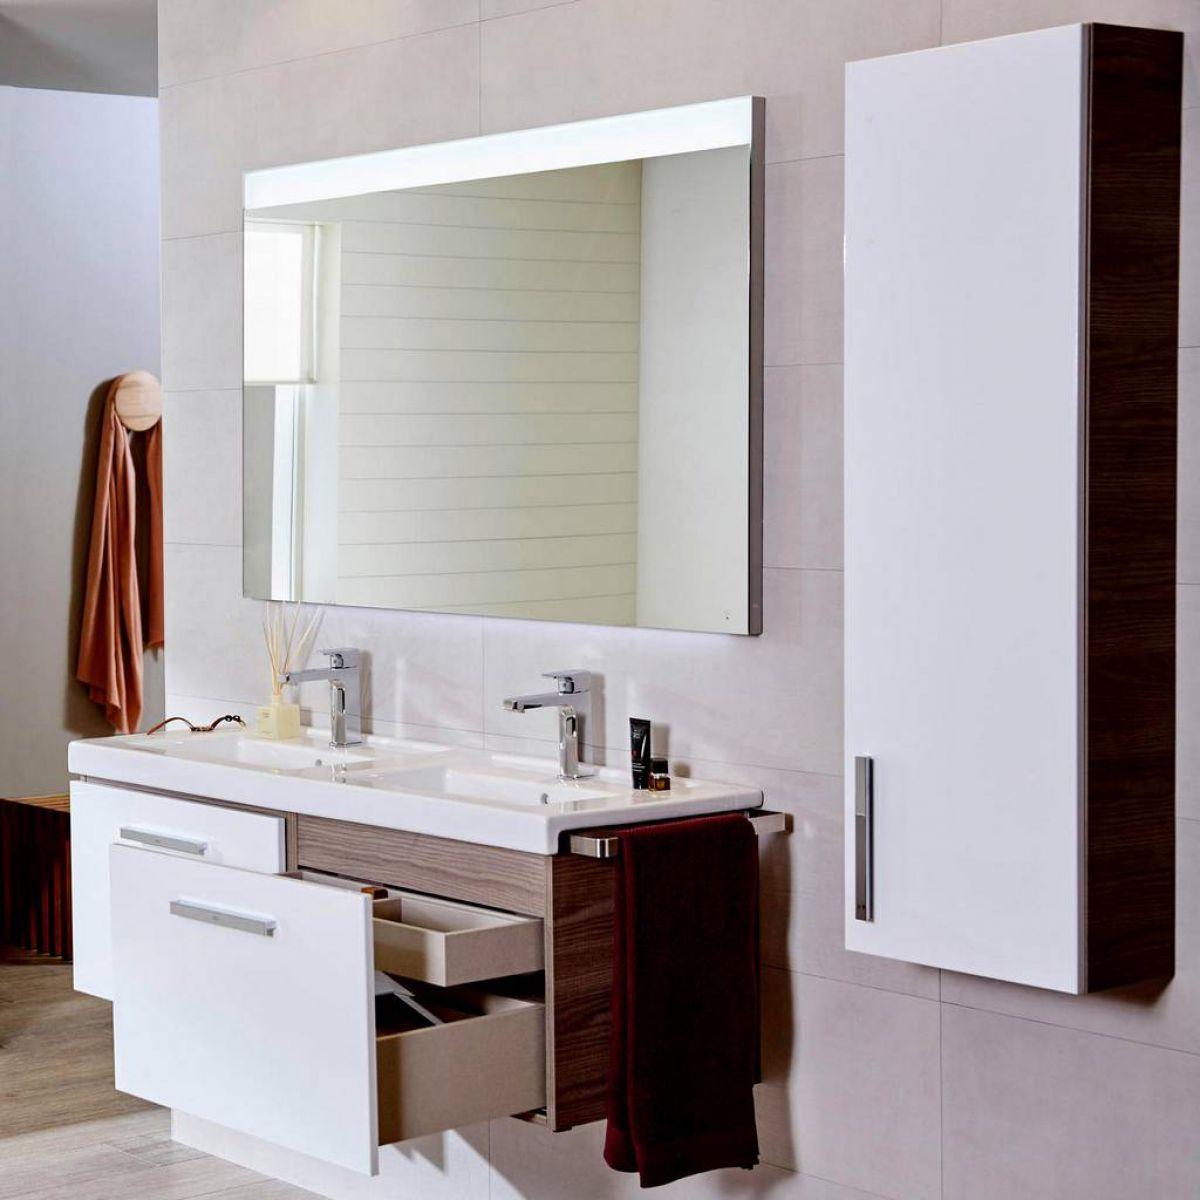 Roca Prisma Led Illuminated Mirror Uk Bathrooms